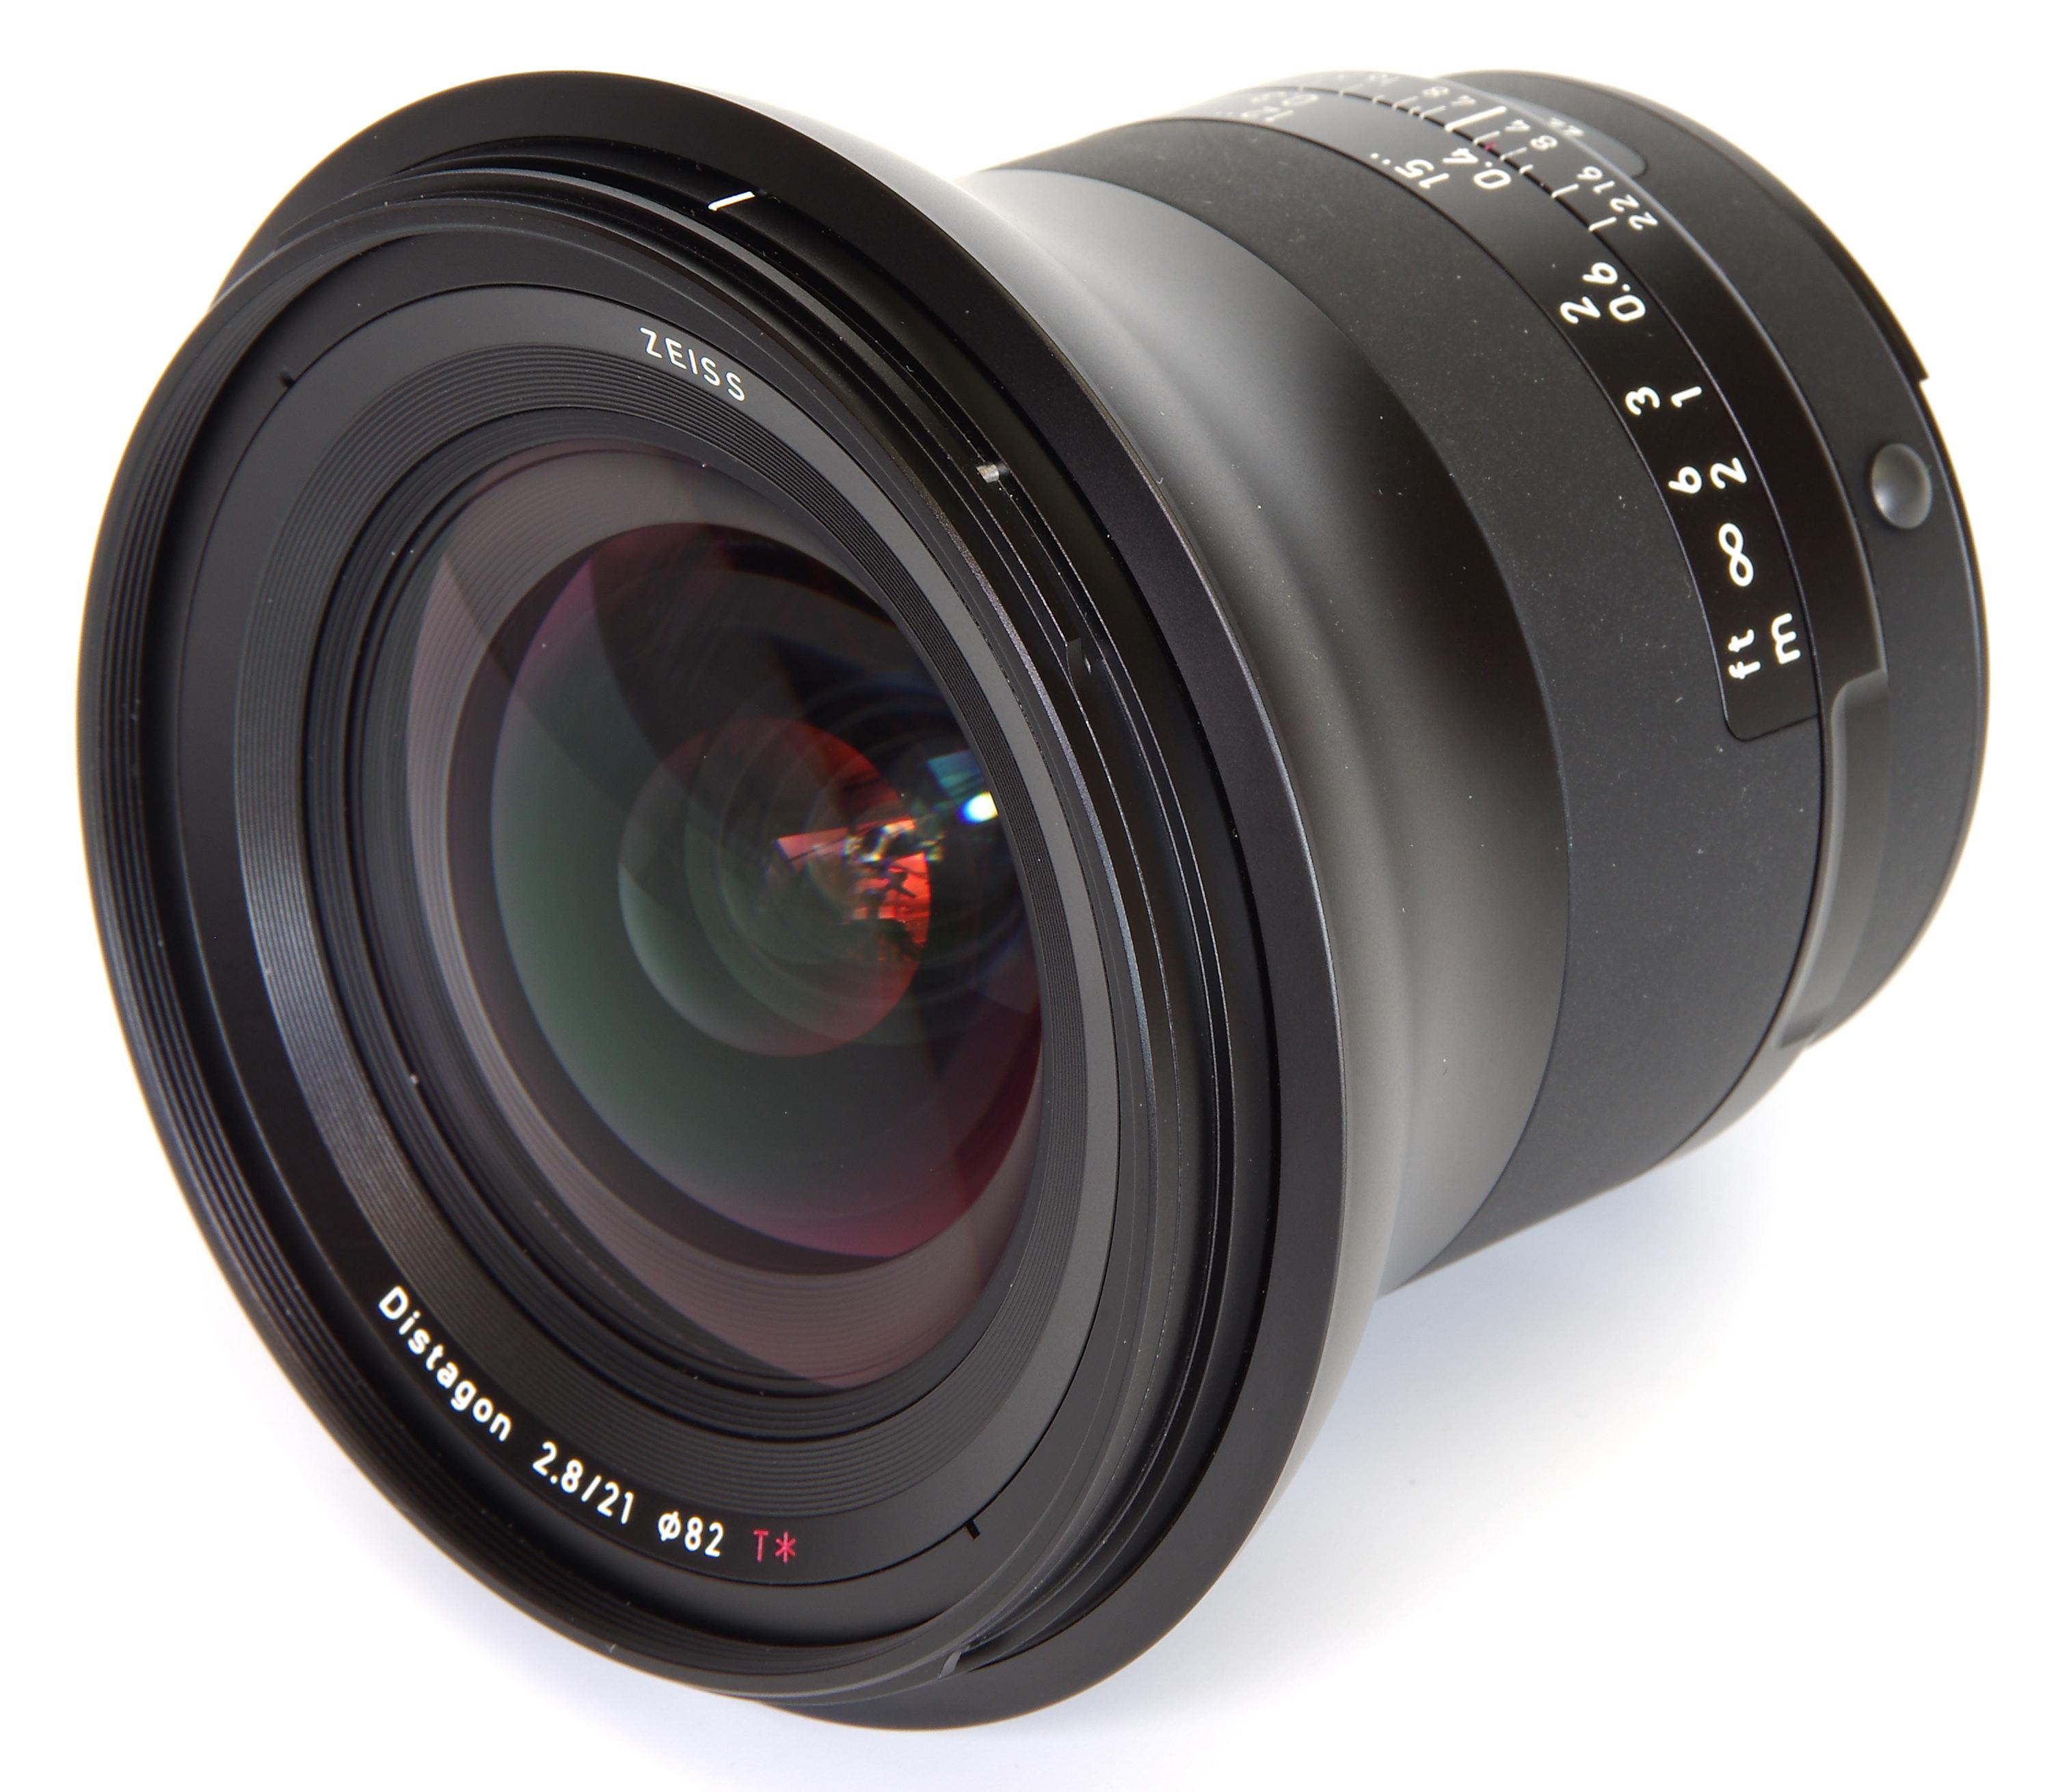 Zeiss Milvus 21mm f/2 8 Lens Review | ePHOTOzine